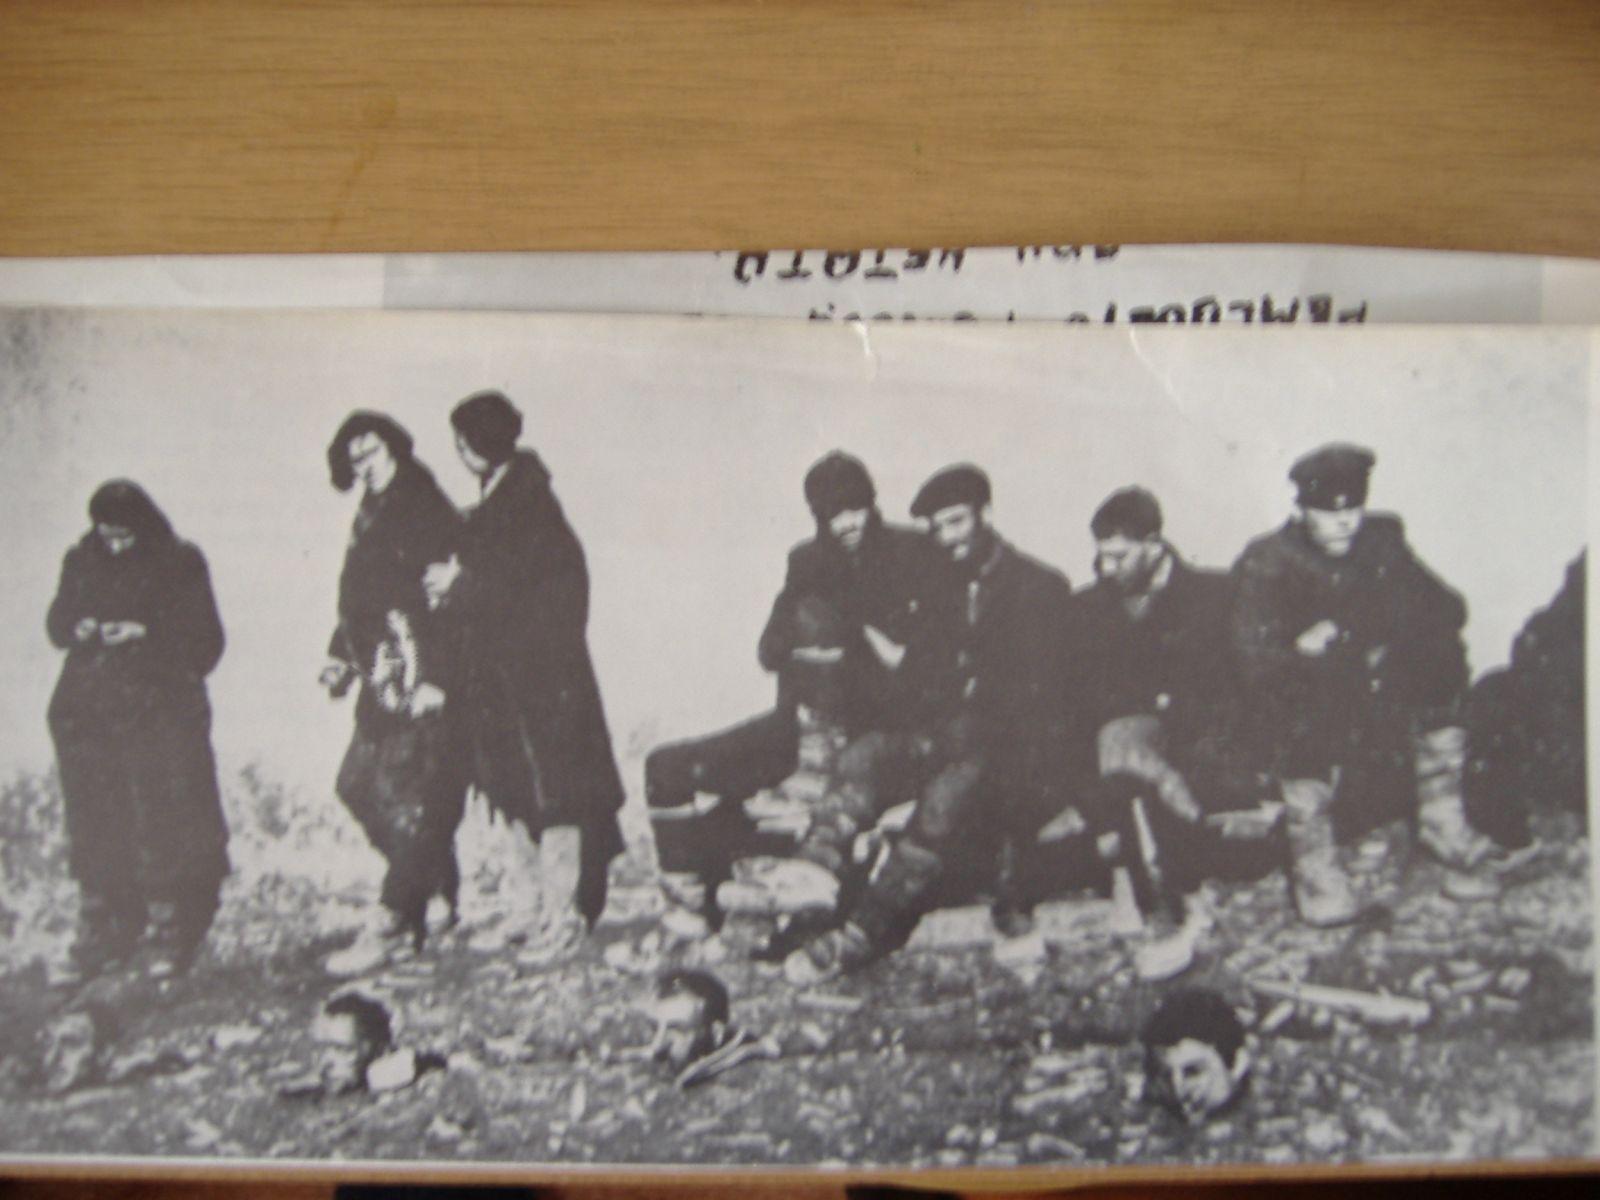 """Партизани от отряд """"Антон Иванов"""" пред разстрел. Отпред са главите на вече разстреляните им другари."""